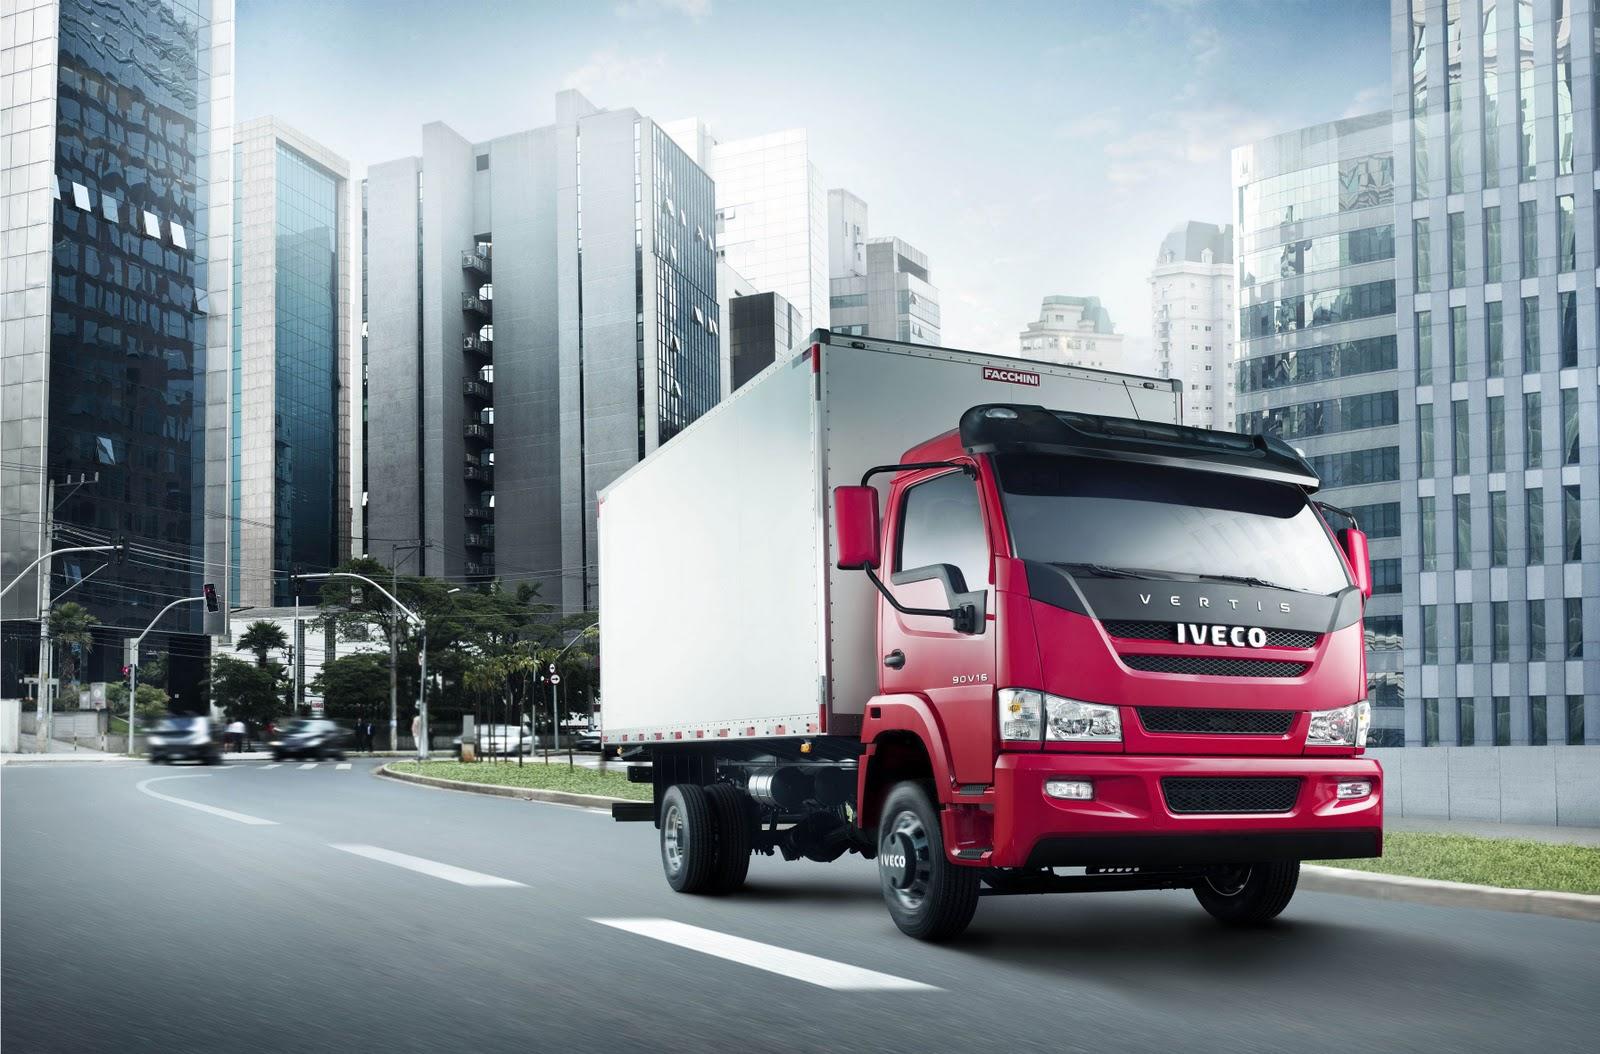 Carboni Iveco é a primeira a apresentar ao público o caminhão médio Vertis 30 ivecovertis 004 01 e